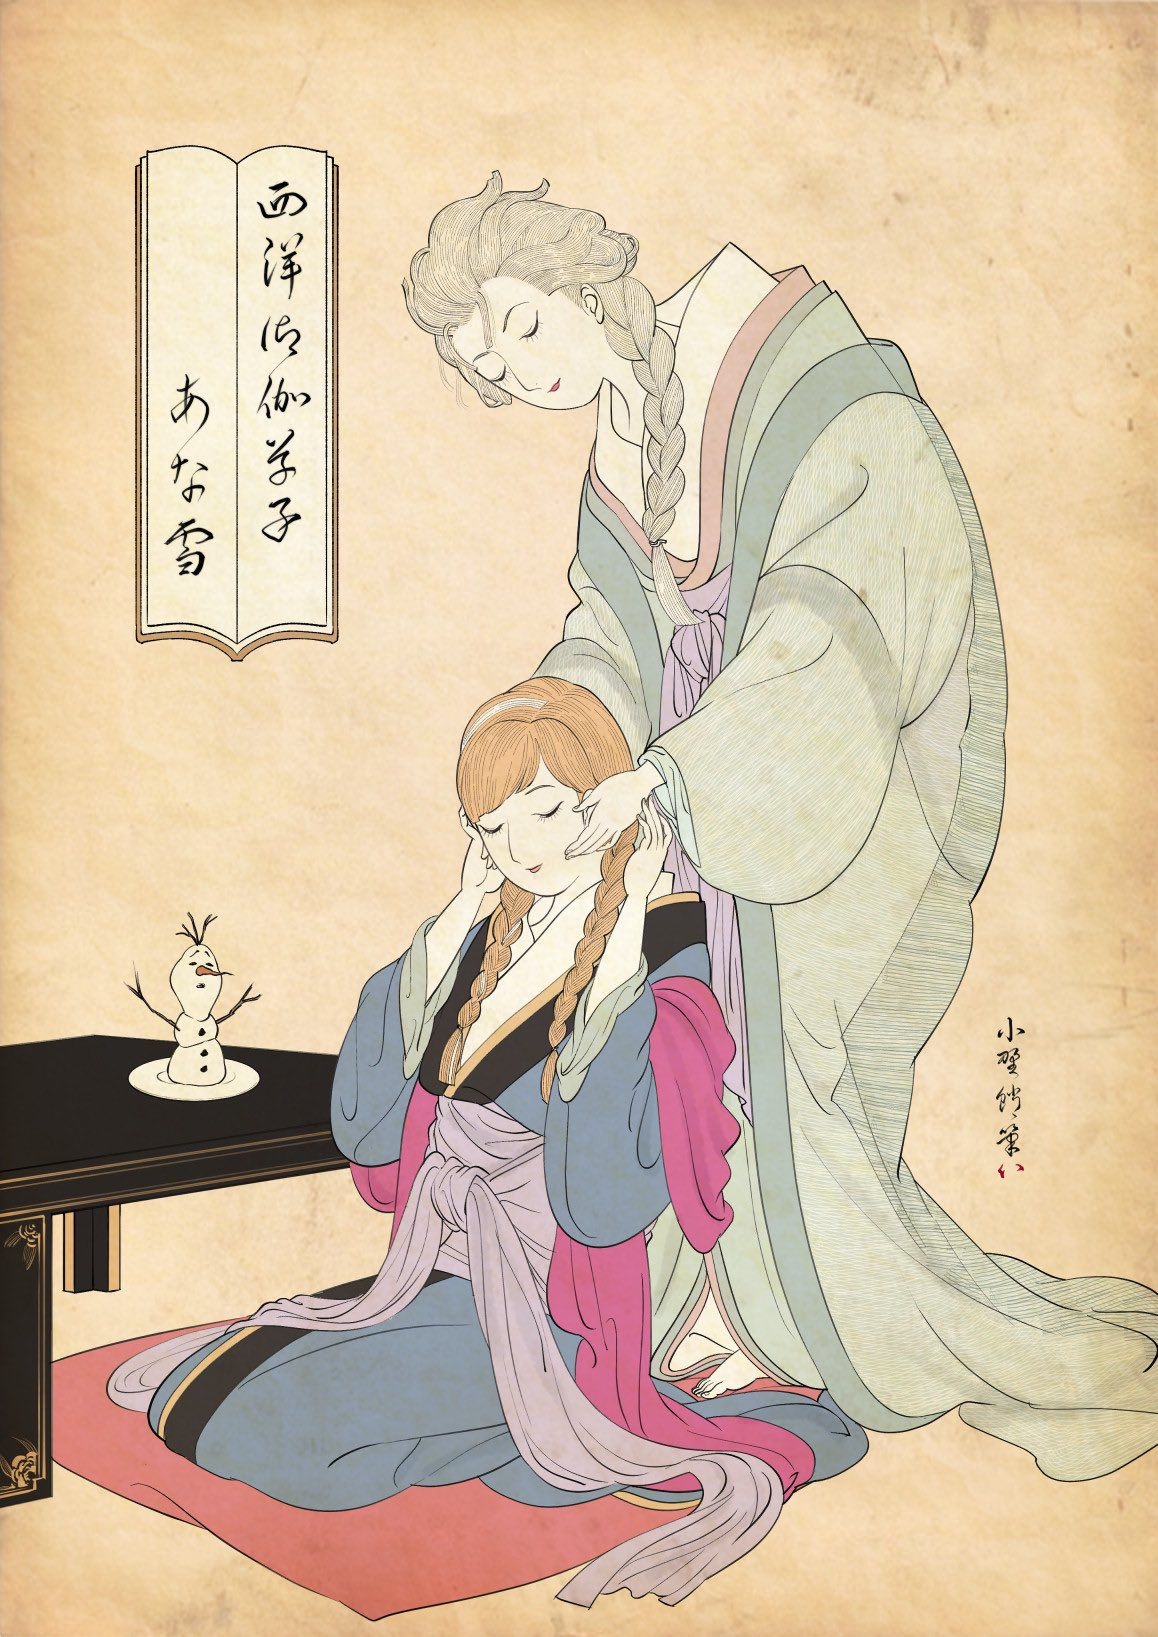 elsa et anna de la princesse des neiges de disney sous la forme d'estampe japonaise